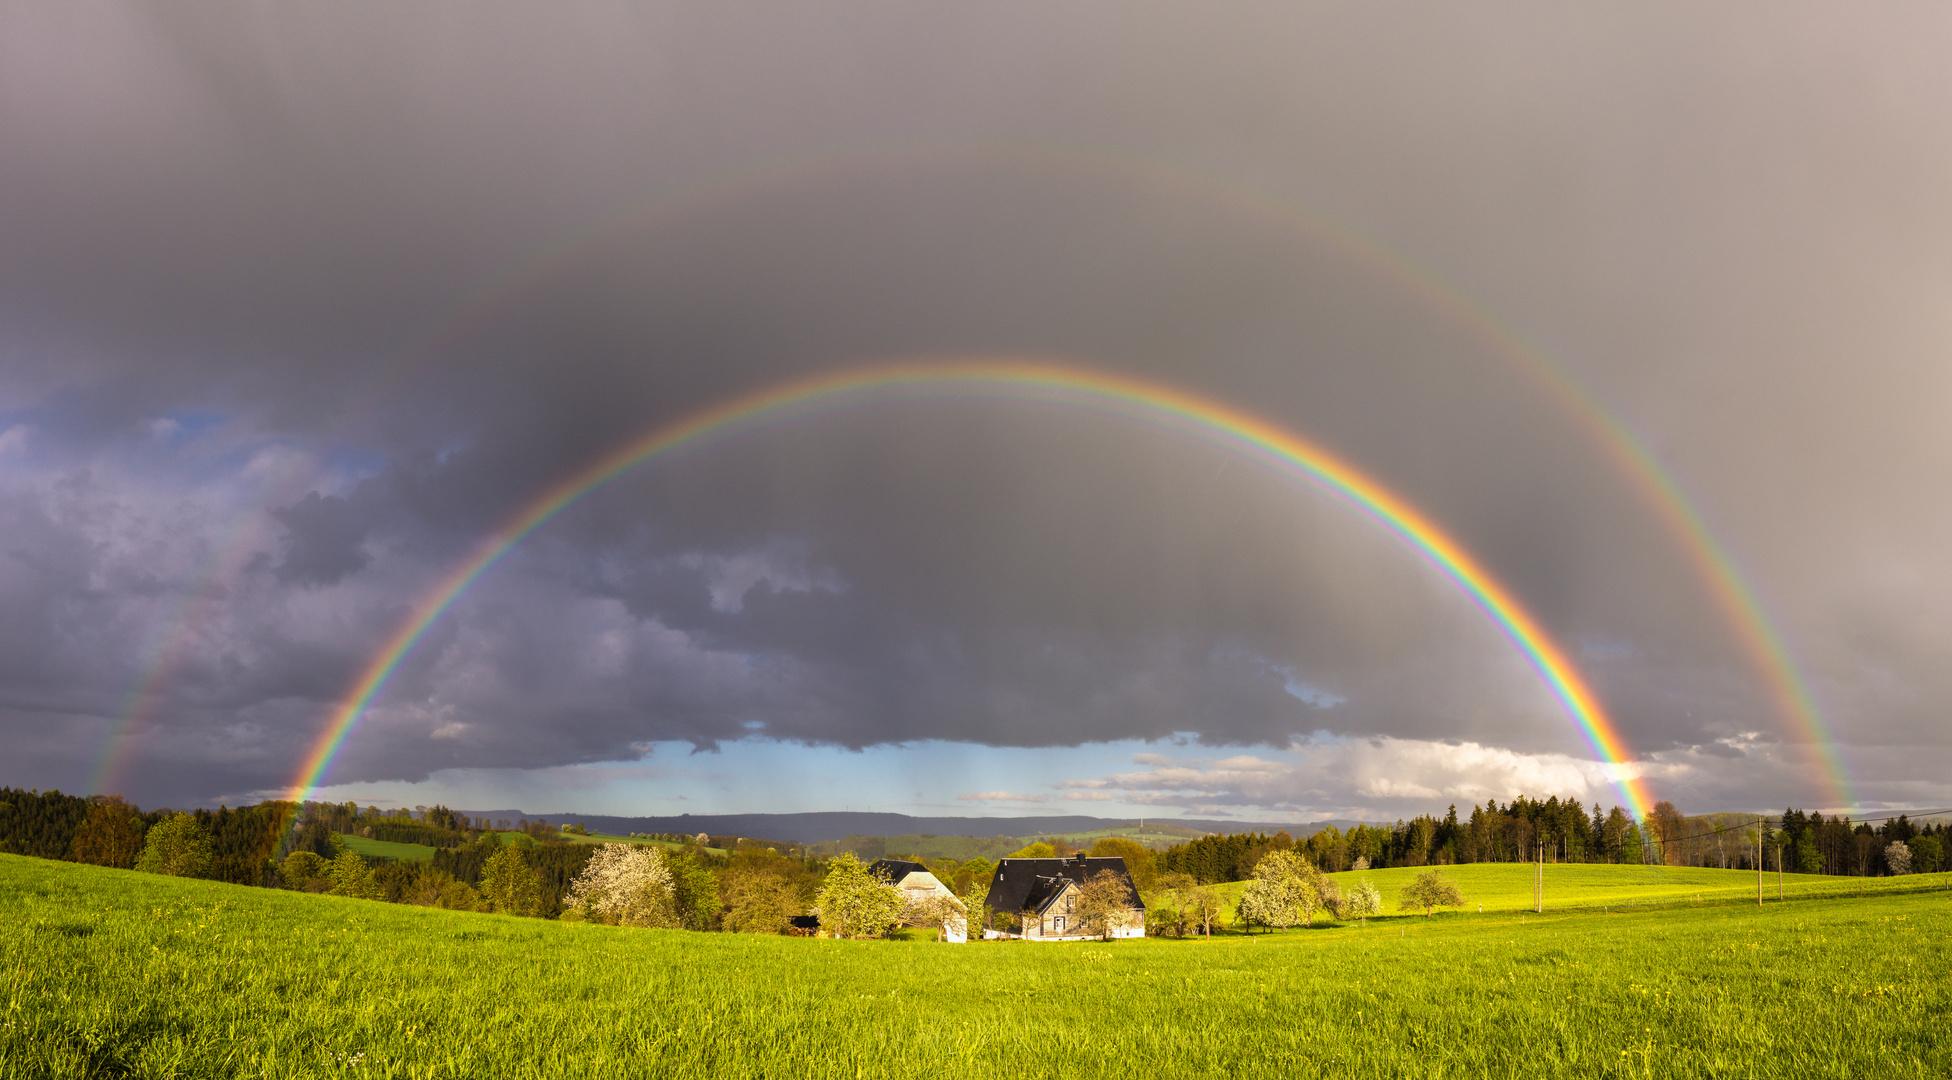 Doppelter Regenbogen mit Interferenzbogen